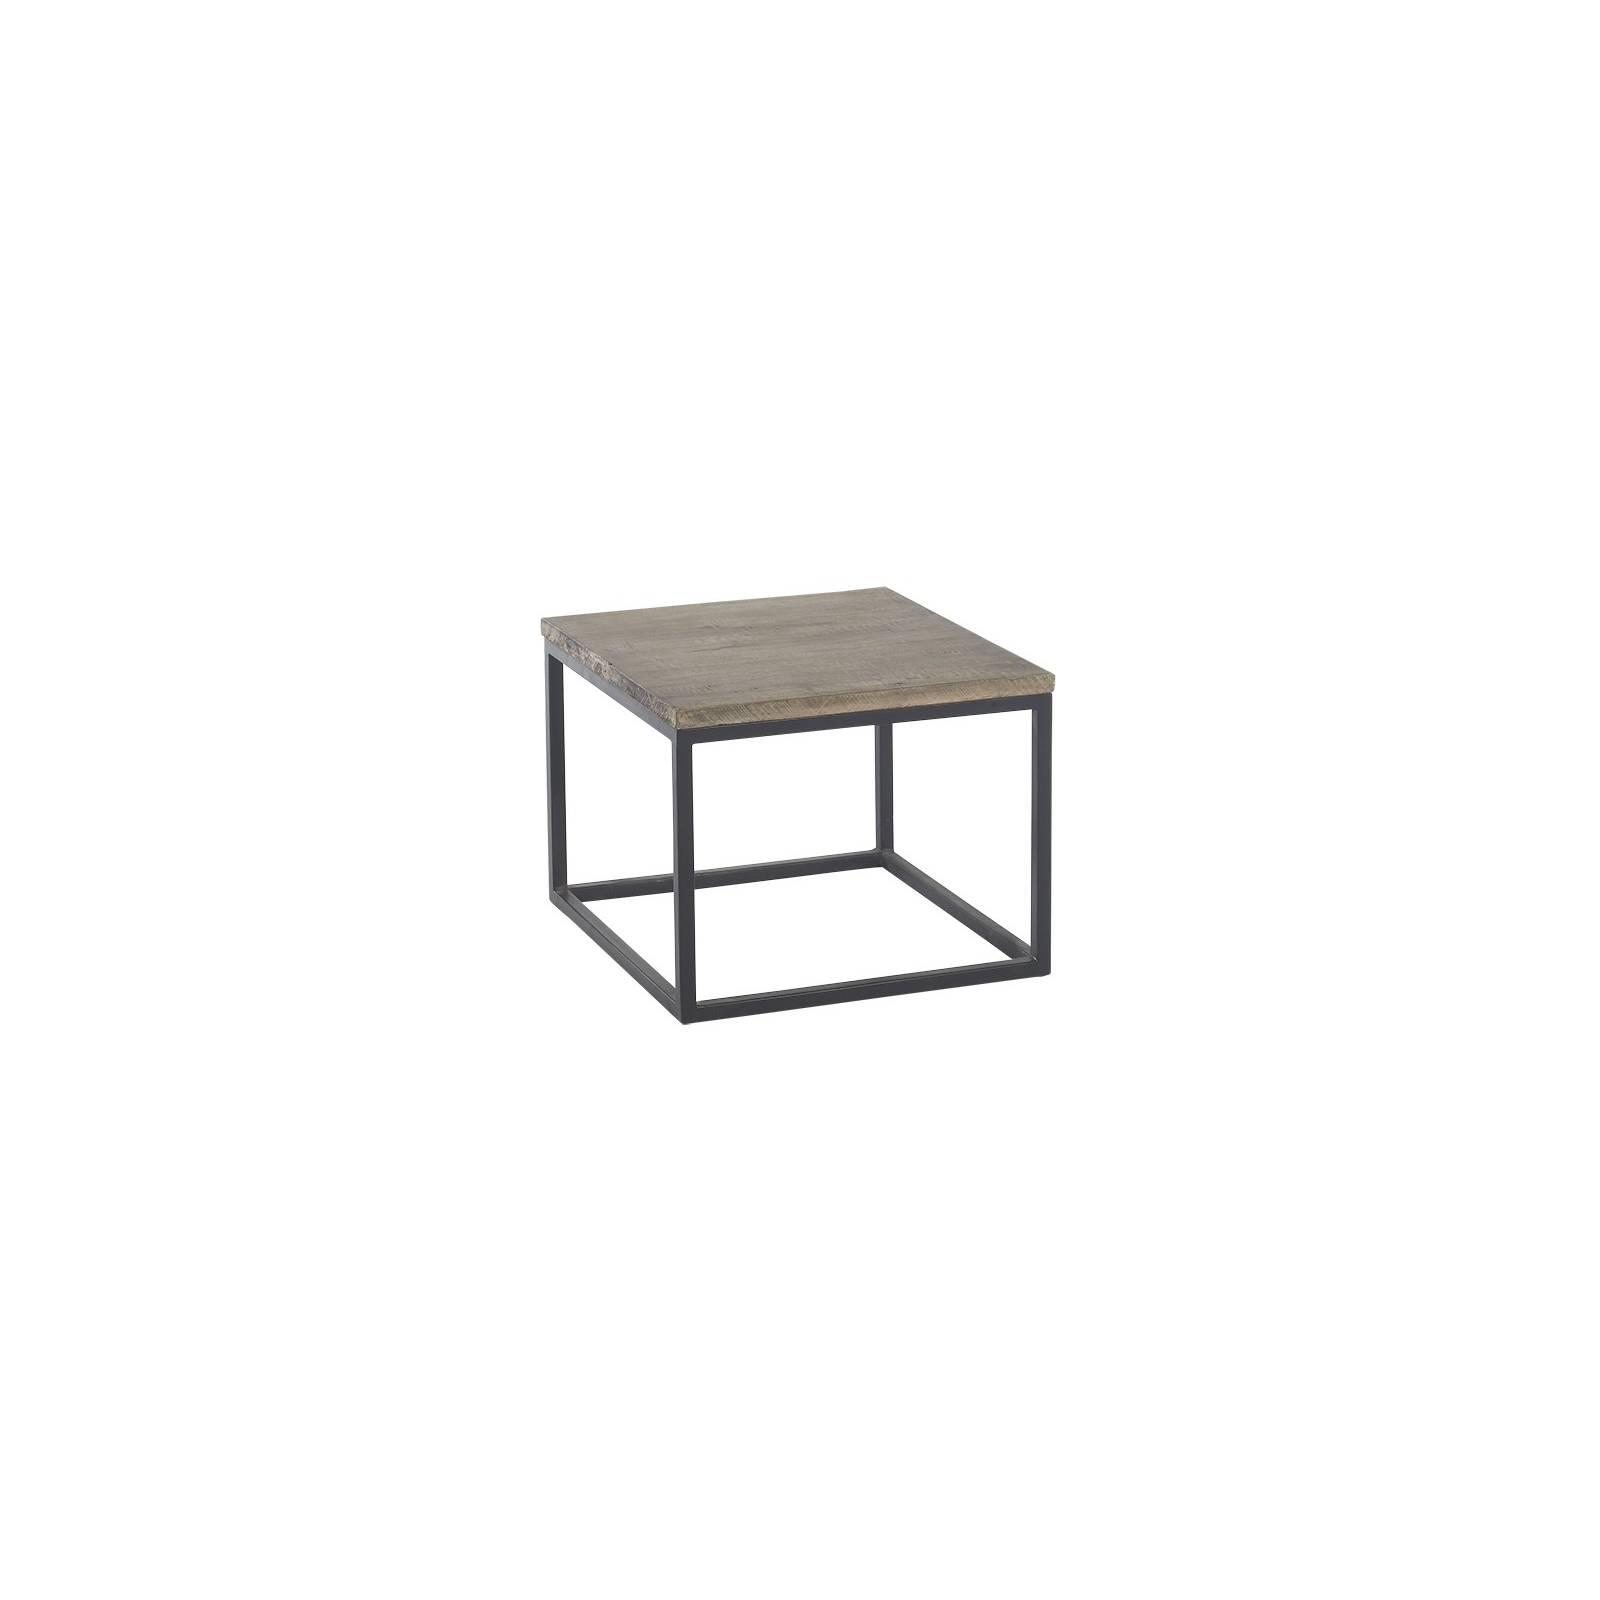 Table Basse Carrée Fer Forgé Vendôme Manguier - meuble classique